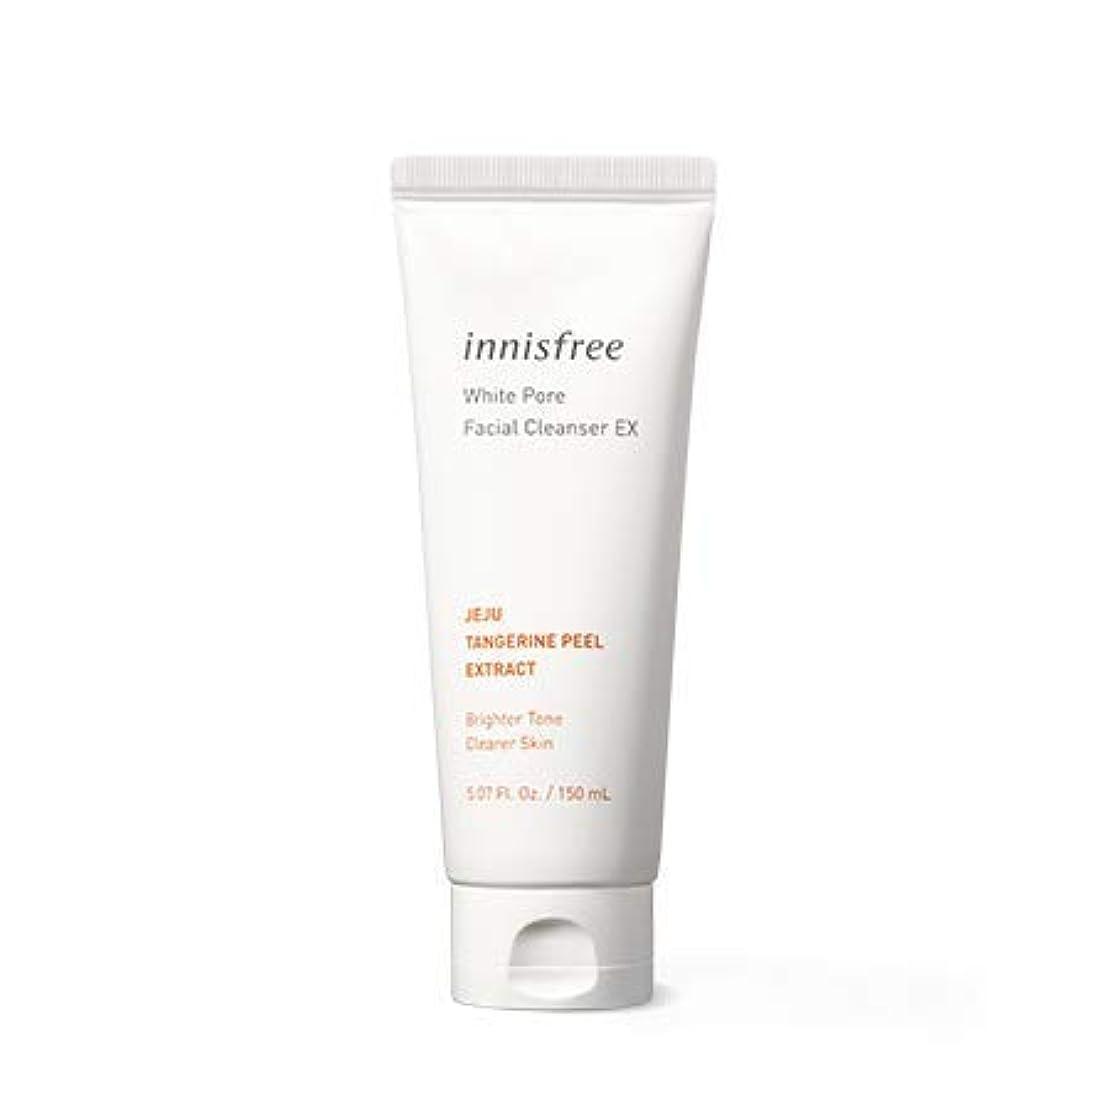 中毒サイズ貫入[イニスフリー.INNISFREE]ホワイトポアフェイシャルクレンザーEX150mL×2EA,(2019。新発売)White Pore Facial Cleanser Ex